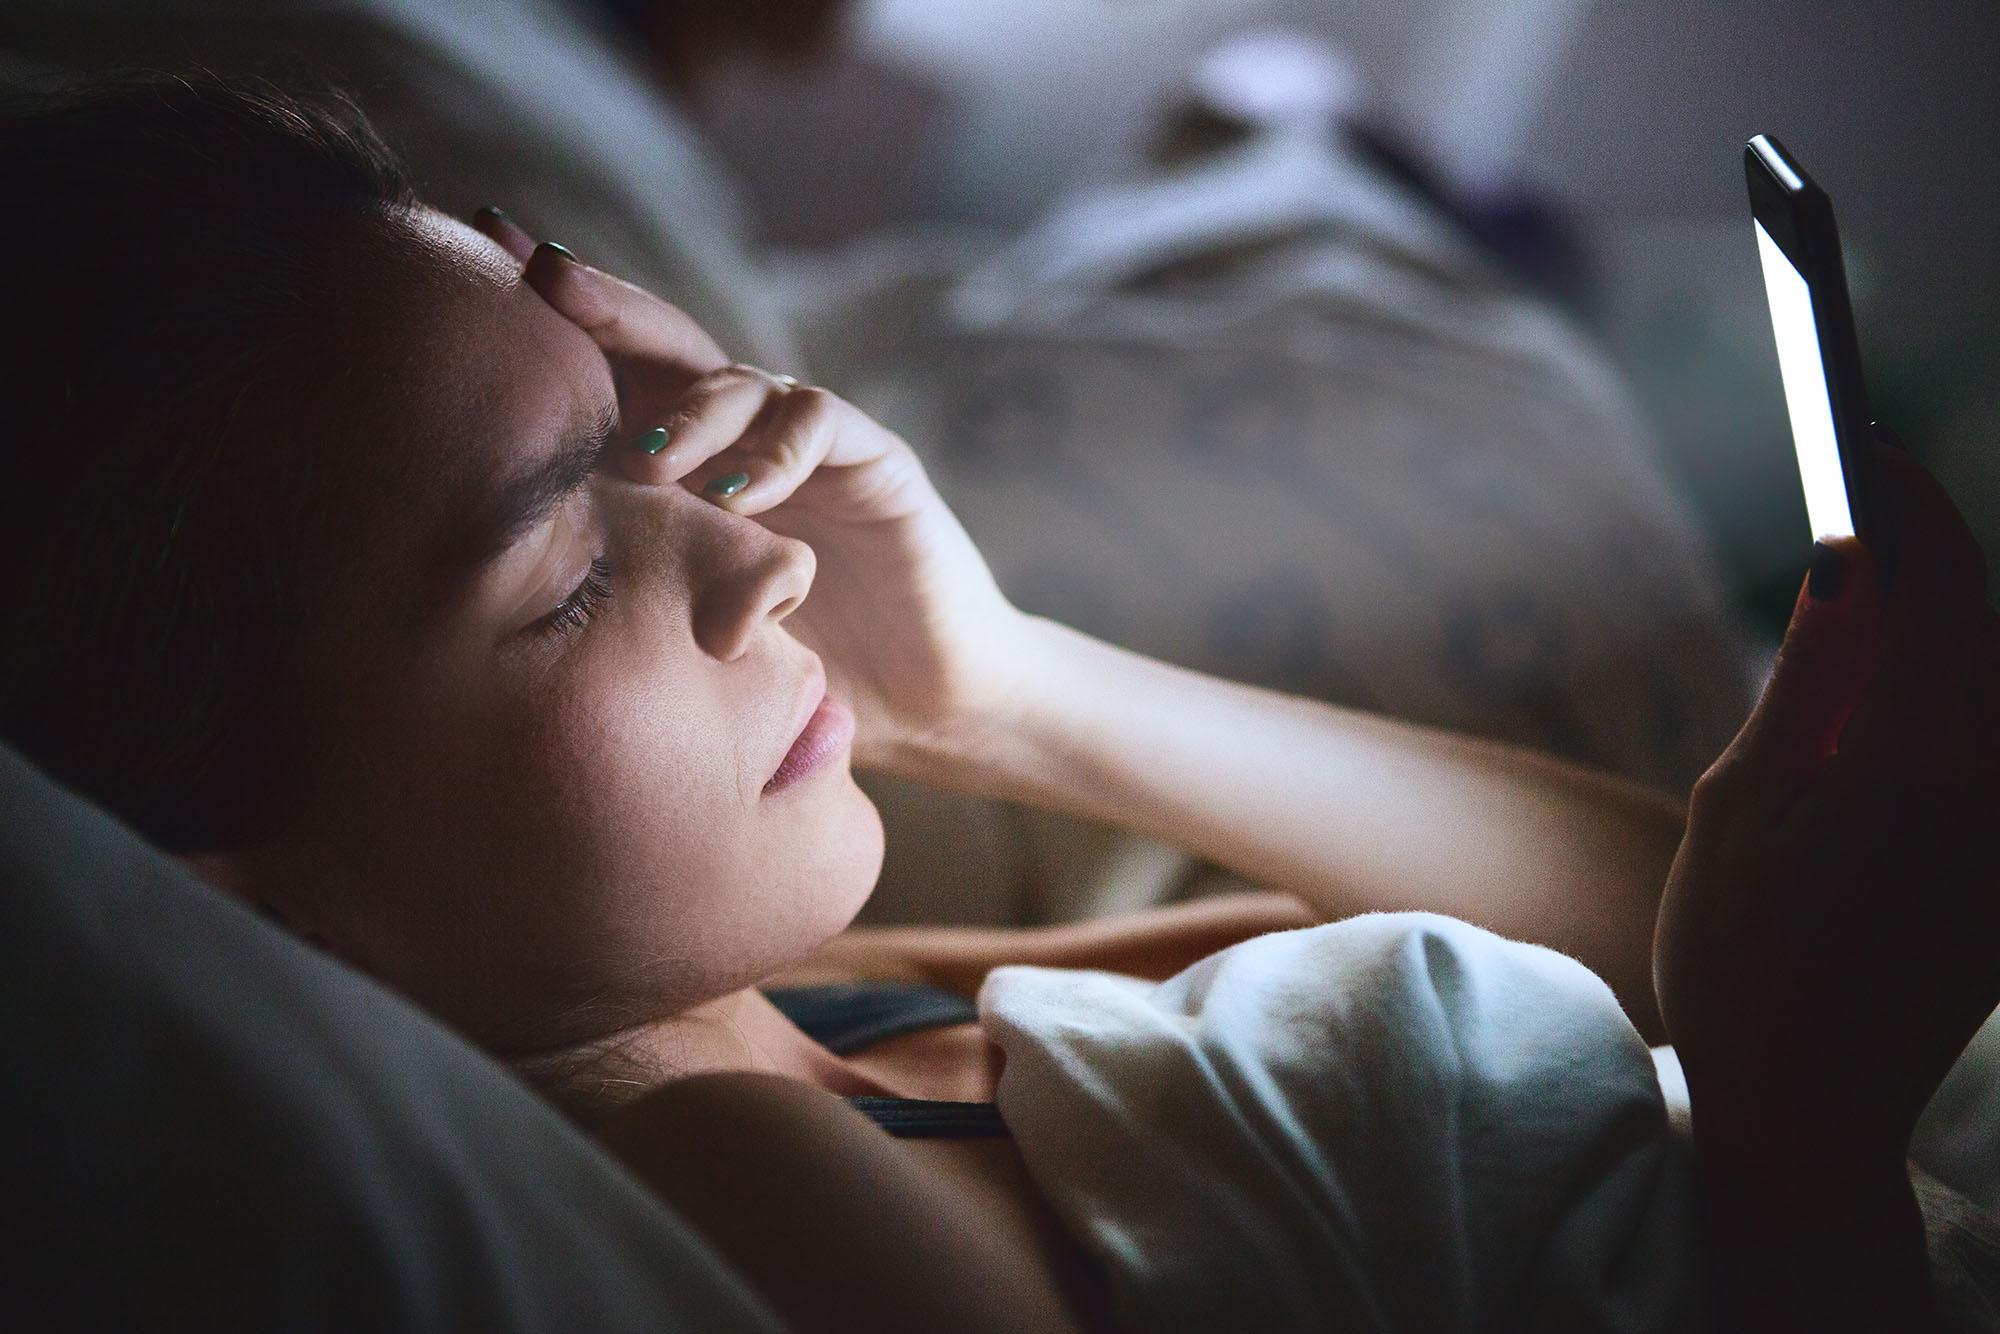 A tecnologia interfere com o sono. Mesmo?